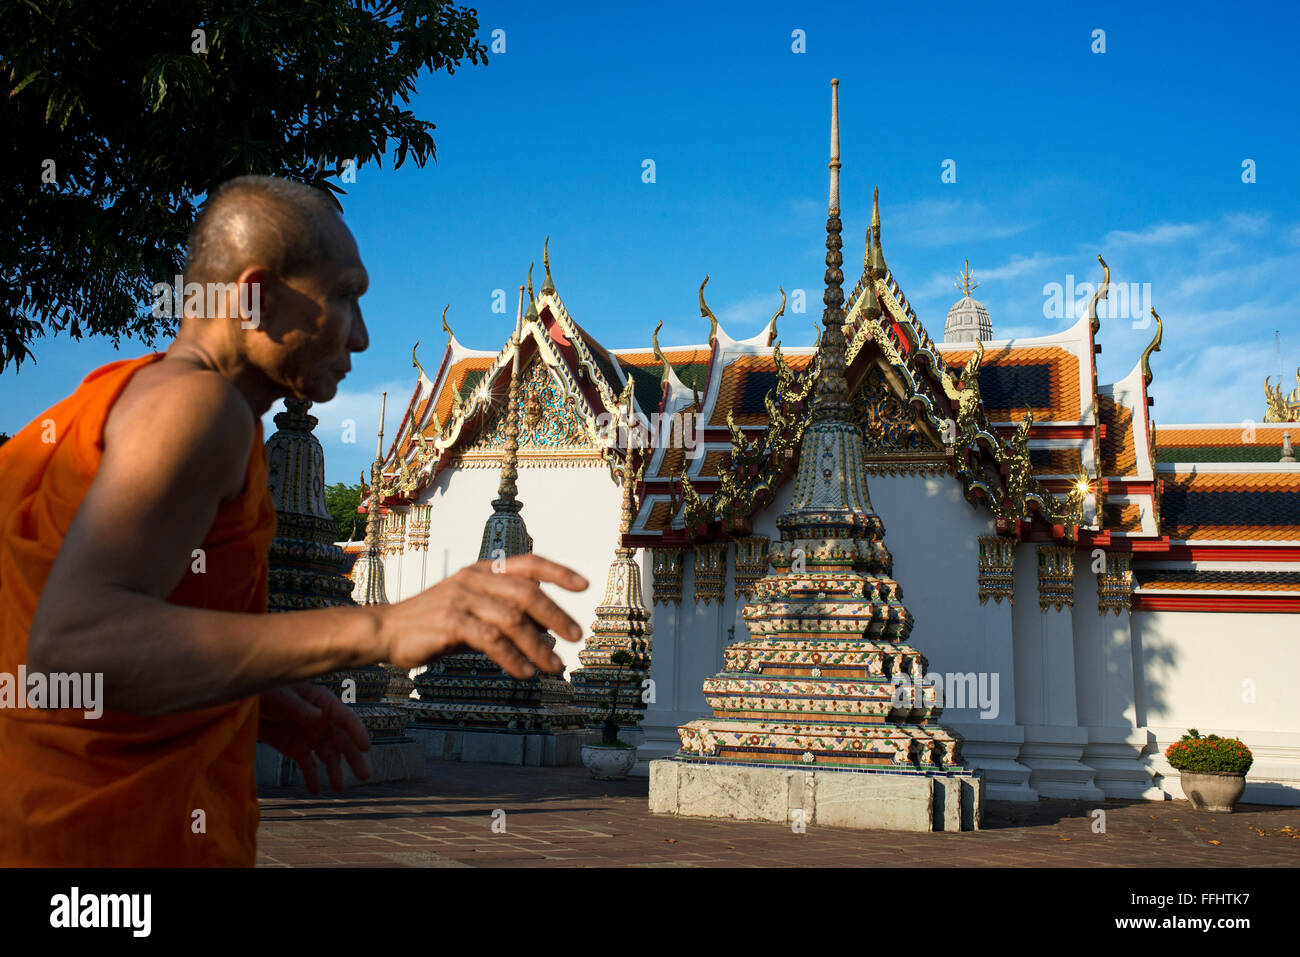 Monje budista dentro del templo de Wat Pho, Bangkok, Tailandia. Wat Pho (Templo del Buda Reclinado), o Wat Phra Foto de stock